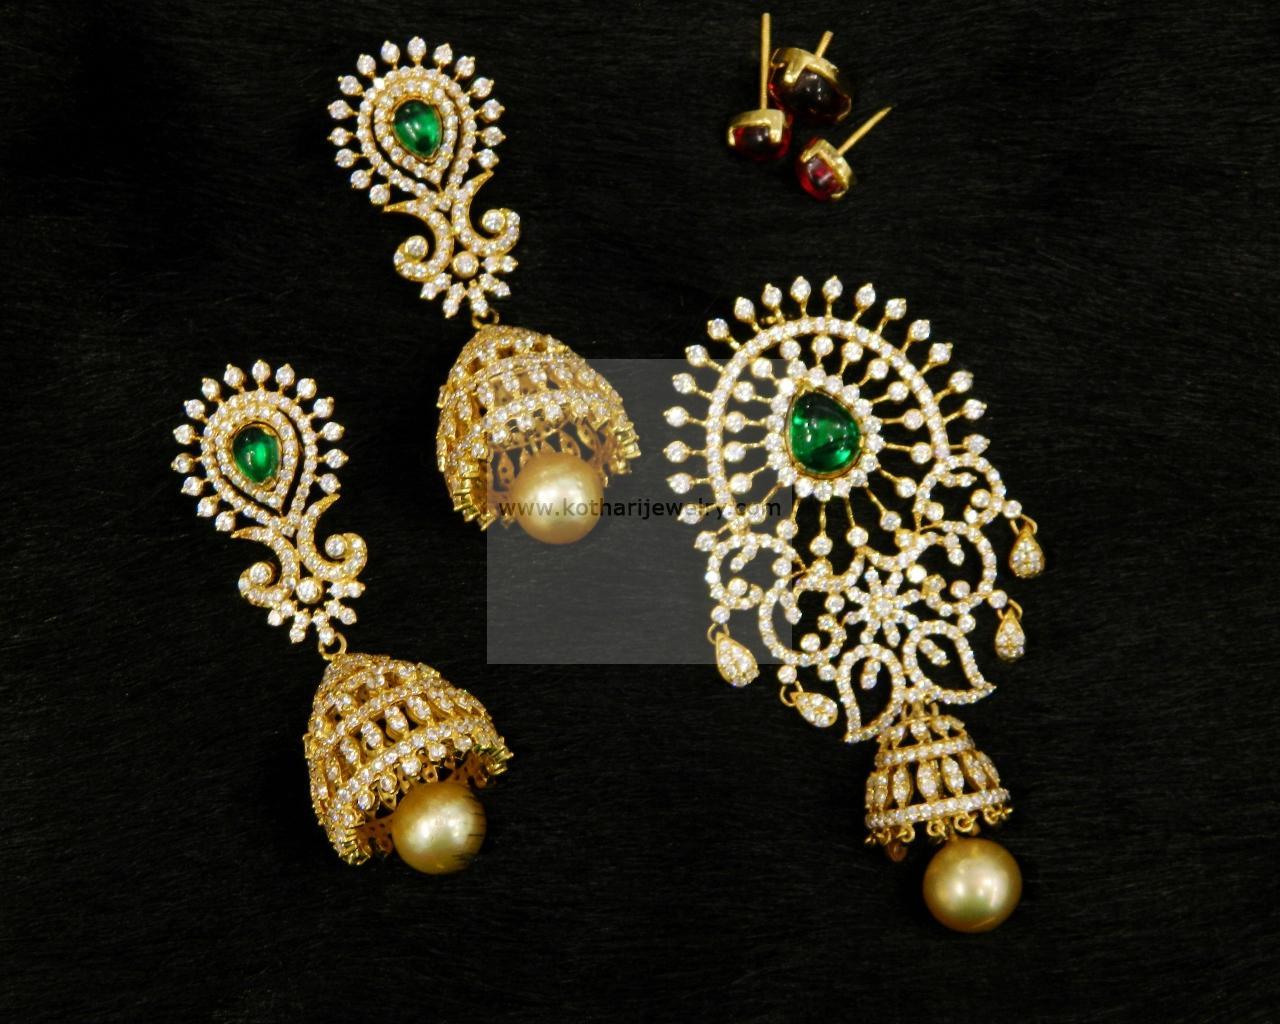 Gold pendant sets 22kt gold gajalskhmi pendant 22kt gold laxmi 18kt aloadofball Image collections